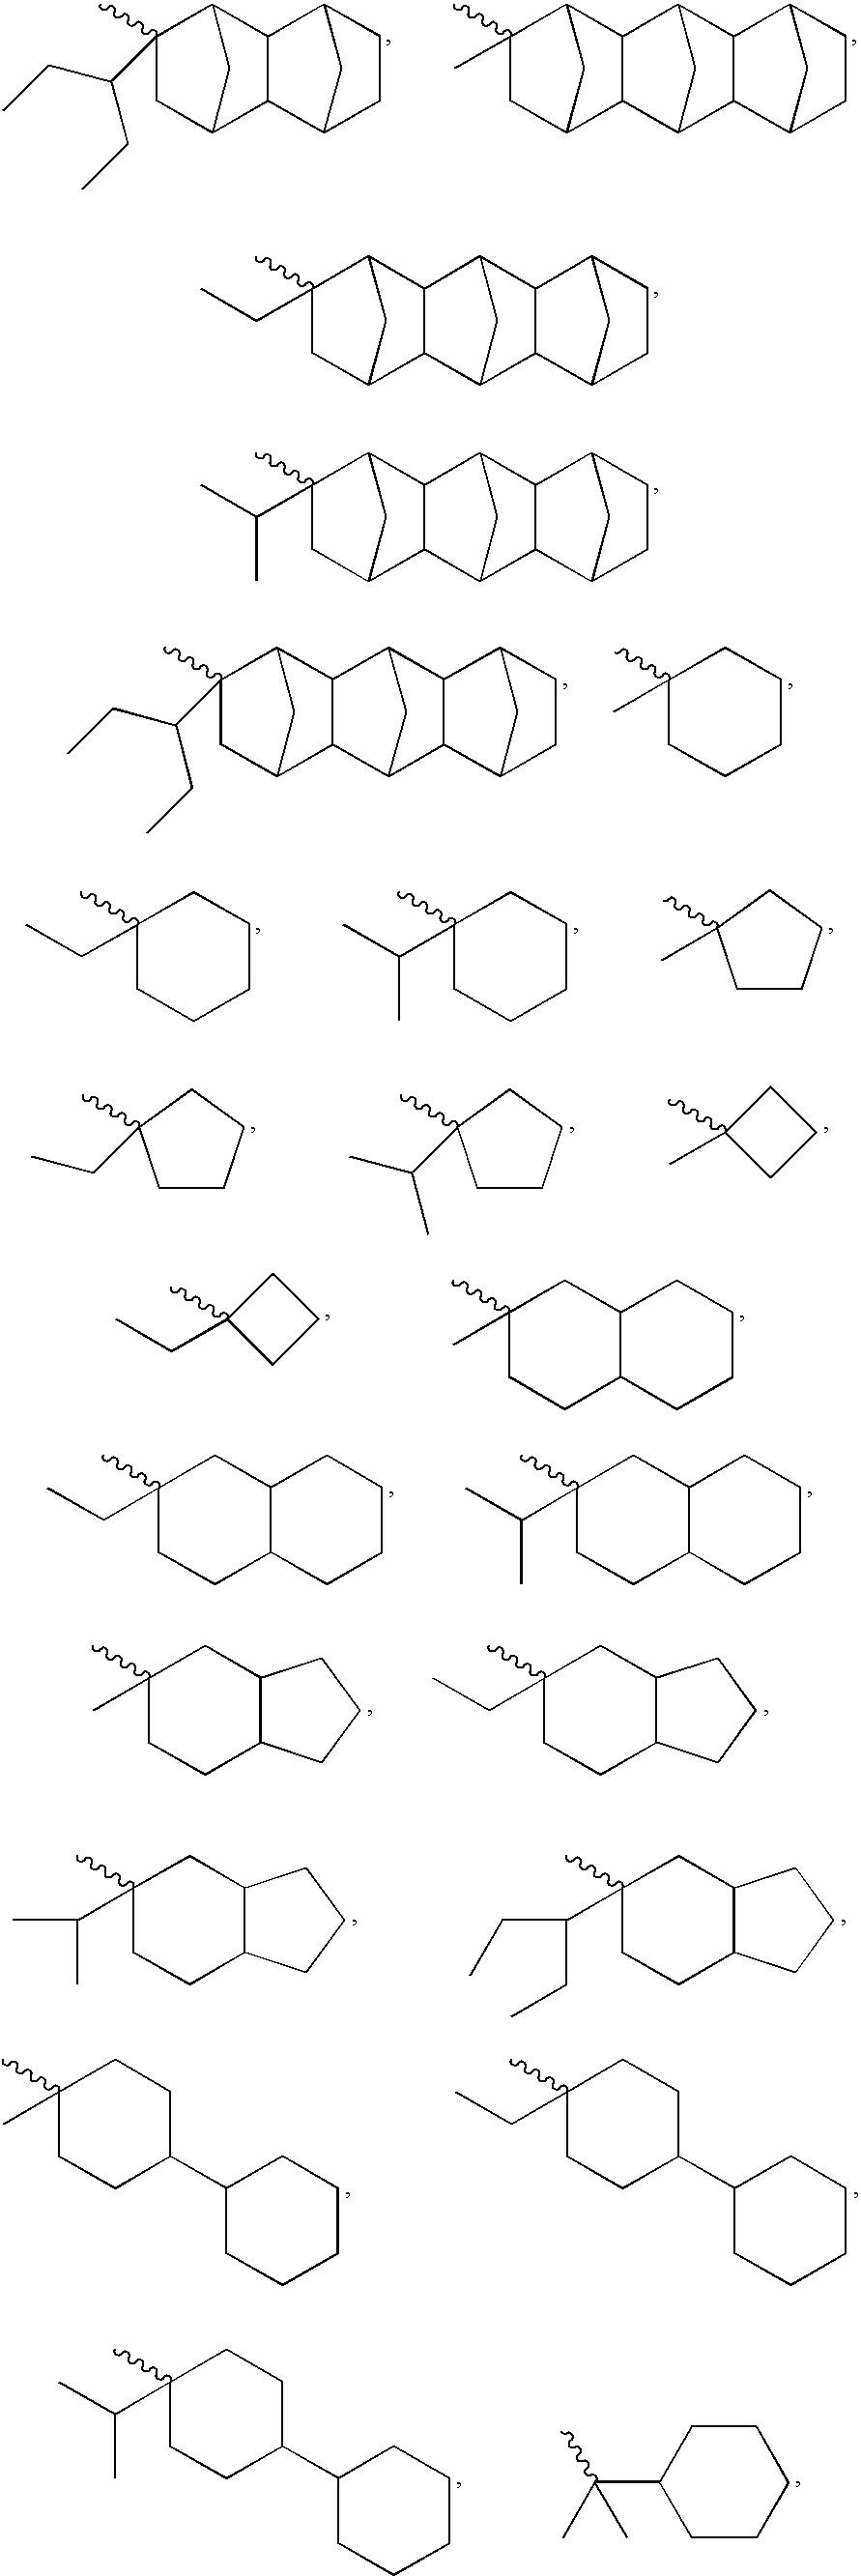 Figure US20100233622A1-20100916-C00011